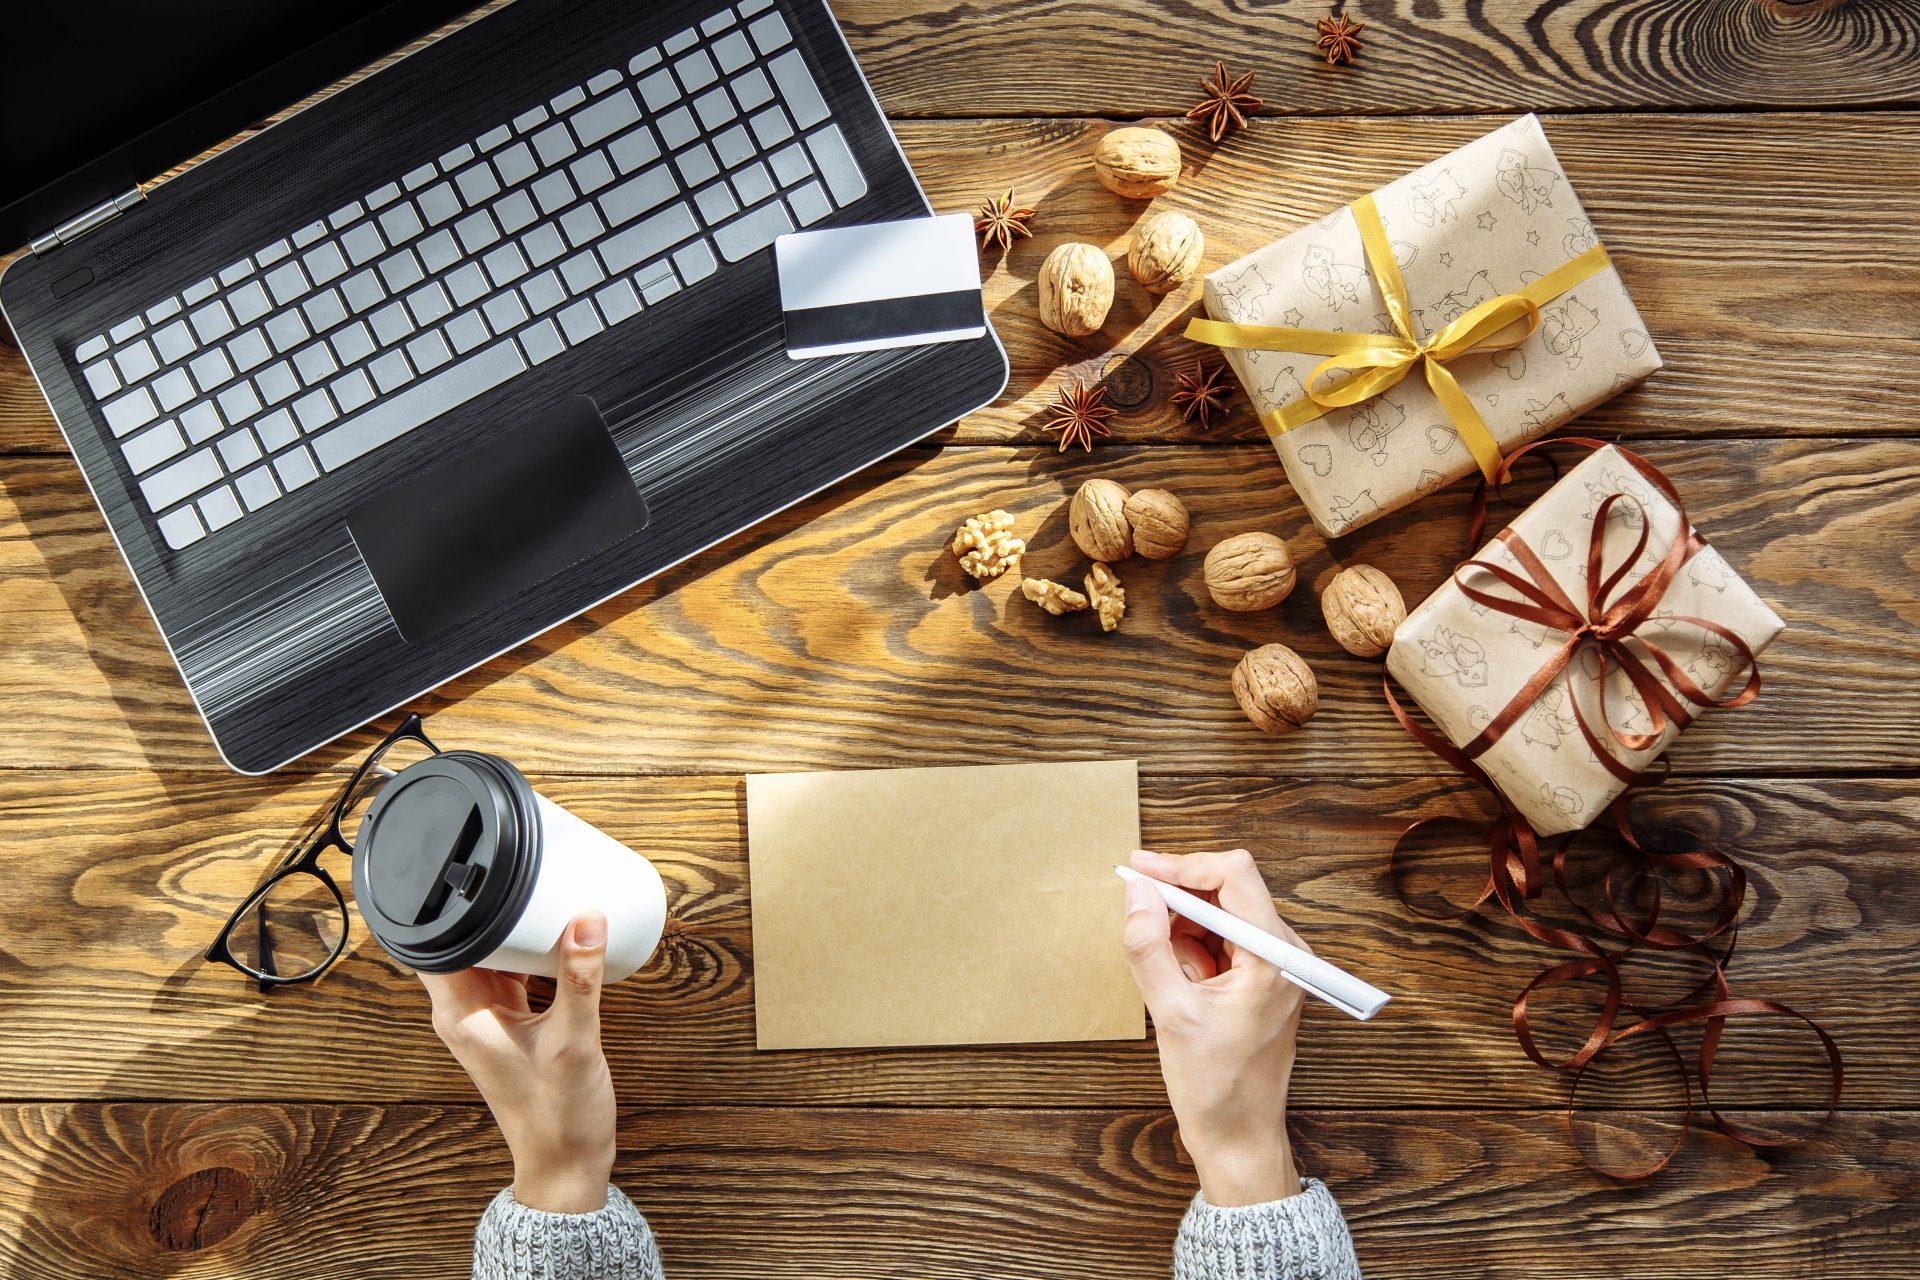 Karácsonyi marketing tippek a Facebooktól 2. rész - Karácsonyi konverziók